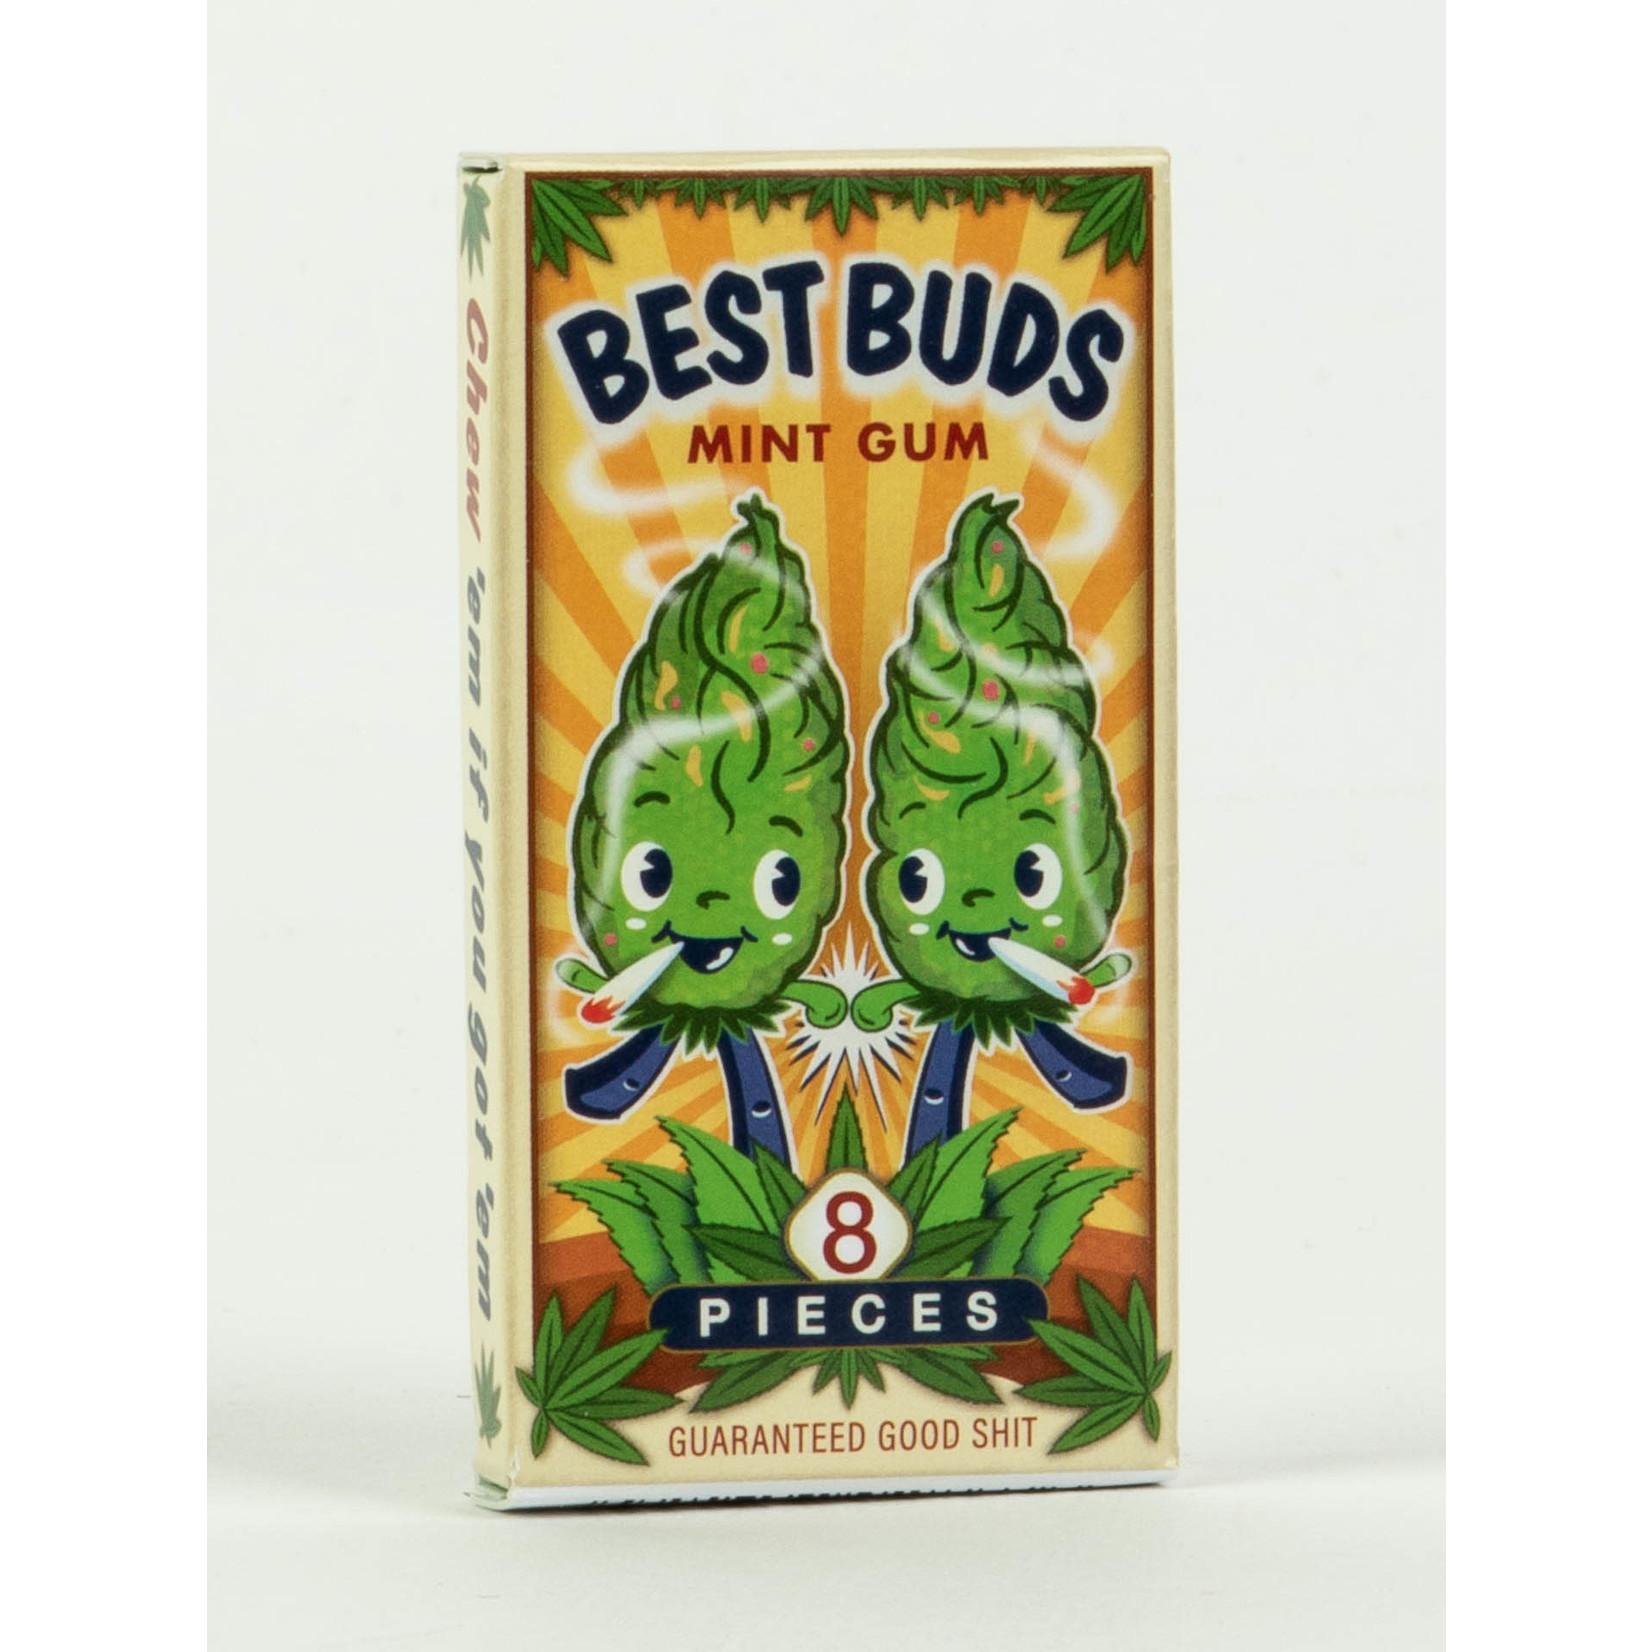 Gum - Best Buds